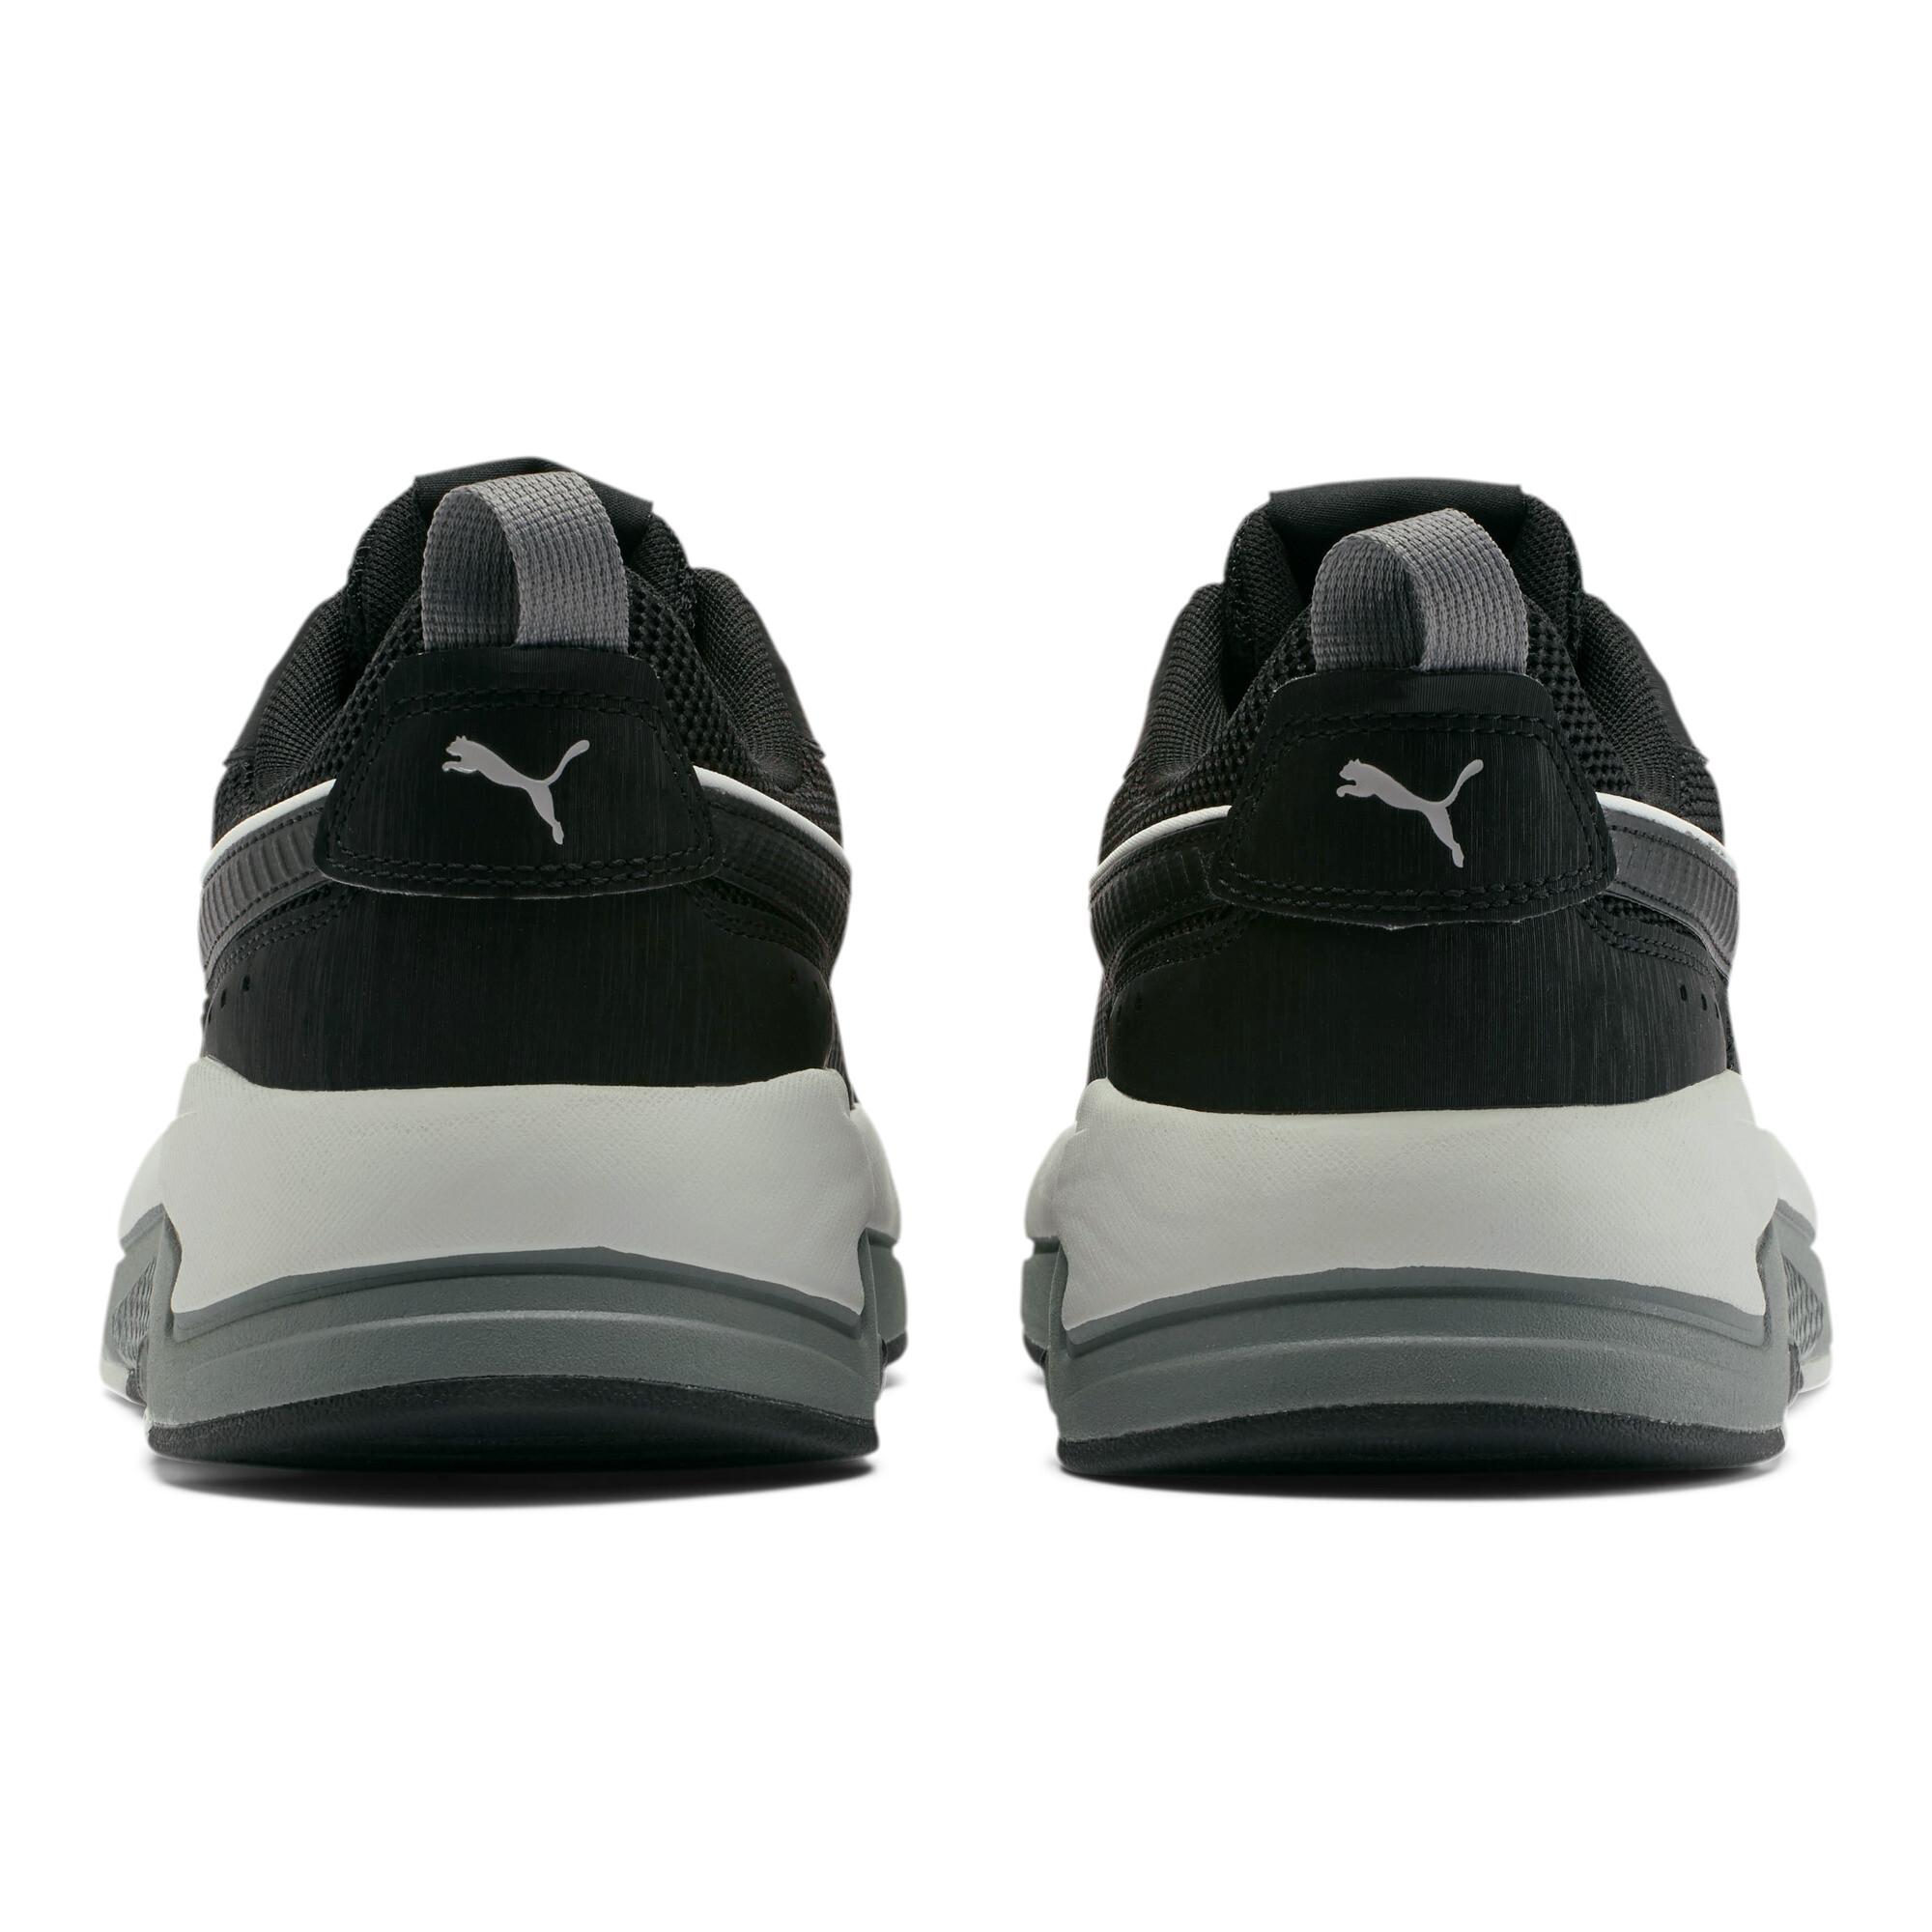 PUMA-X-RAY-Mesh-Men-039-s-Sneakers-Men-Shoe-Basics thumbnail 3